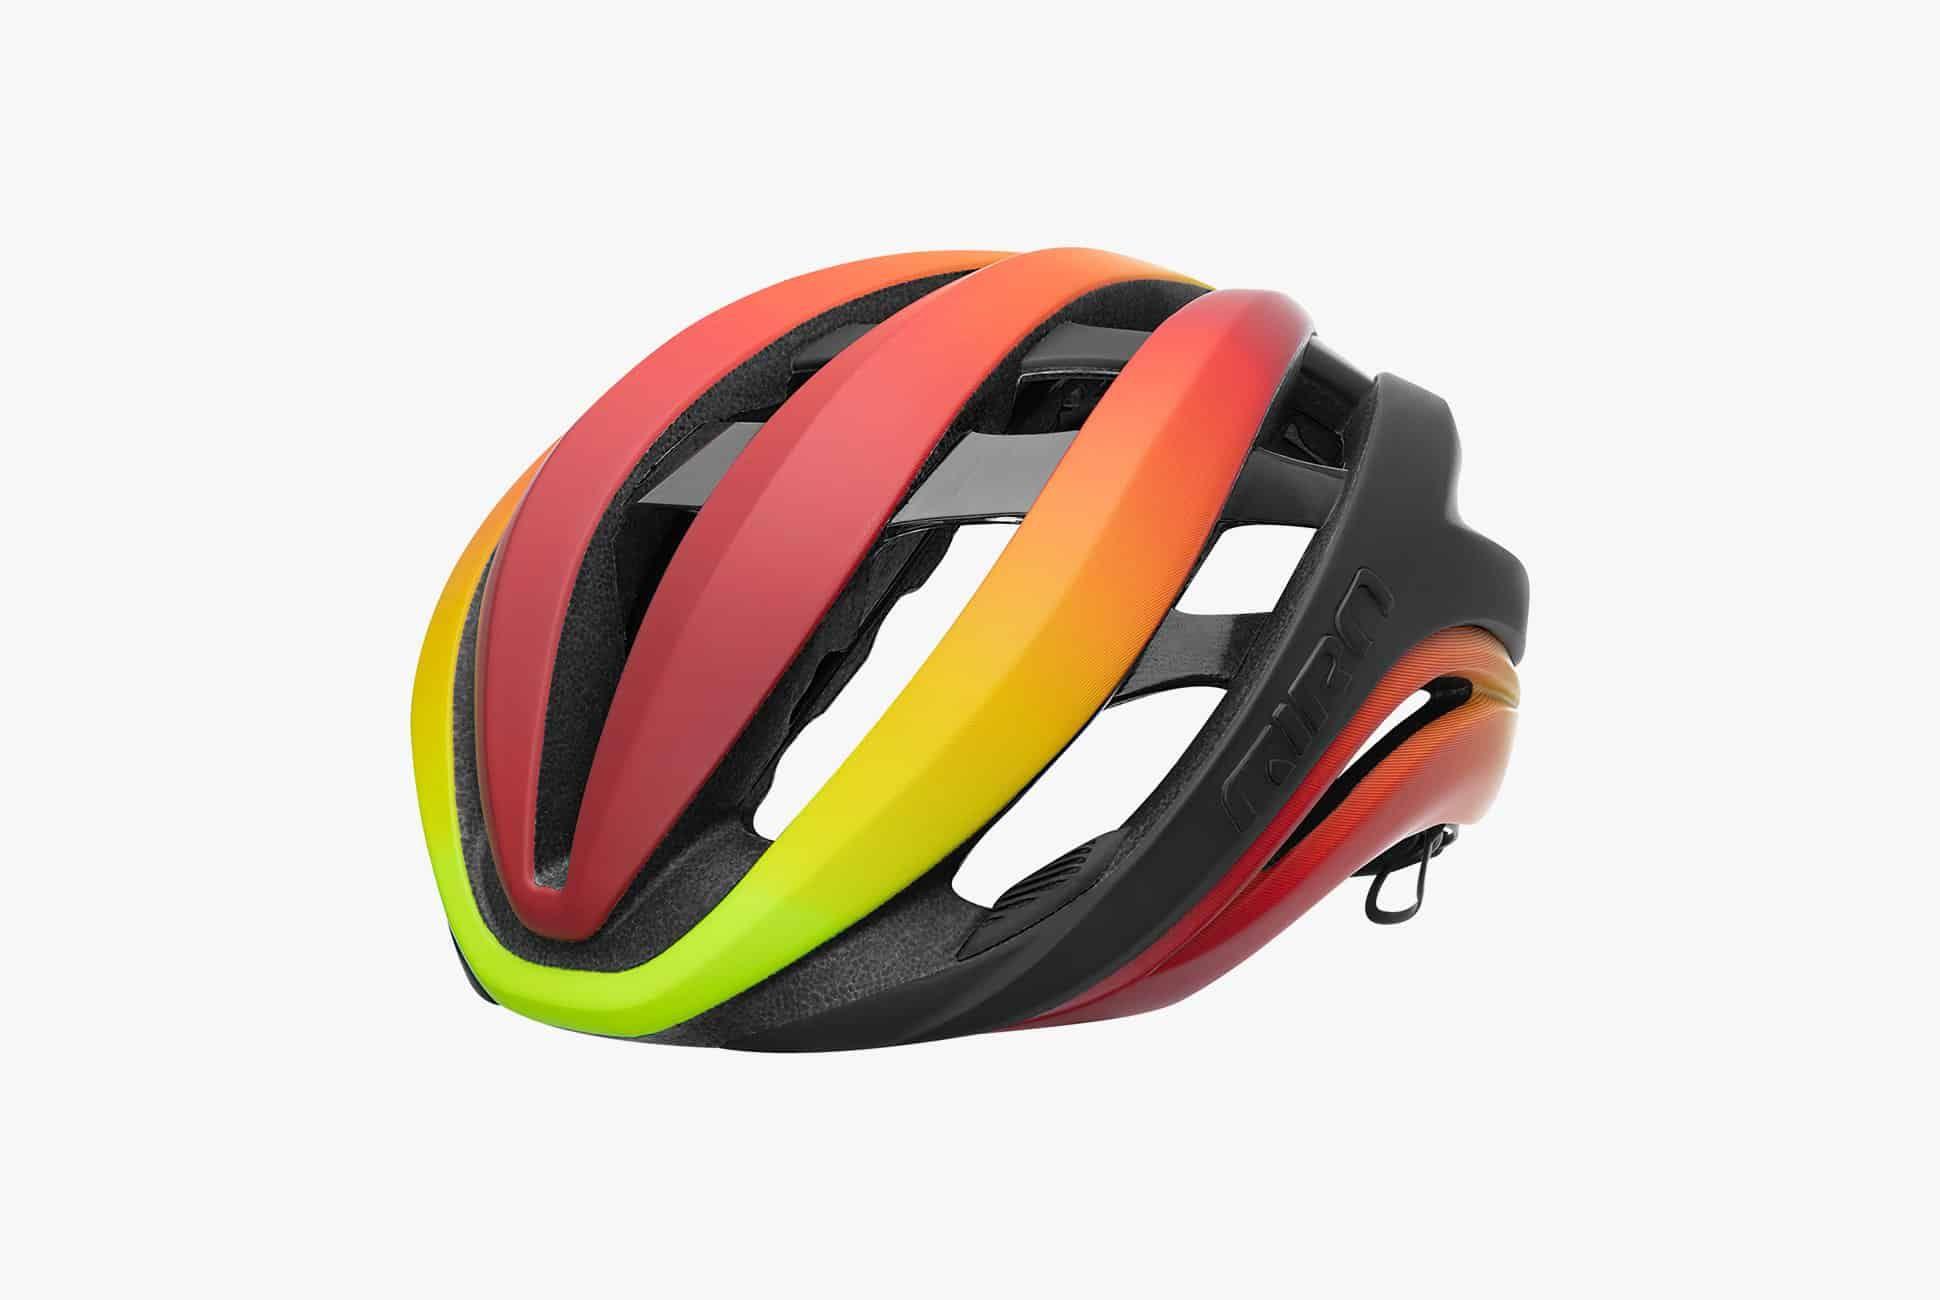 Giro-Custom-Aether-Bicycling-Helmet-gear-patrol-slide-1